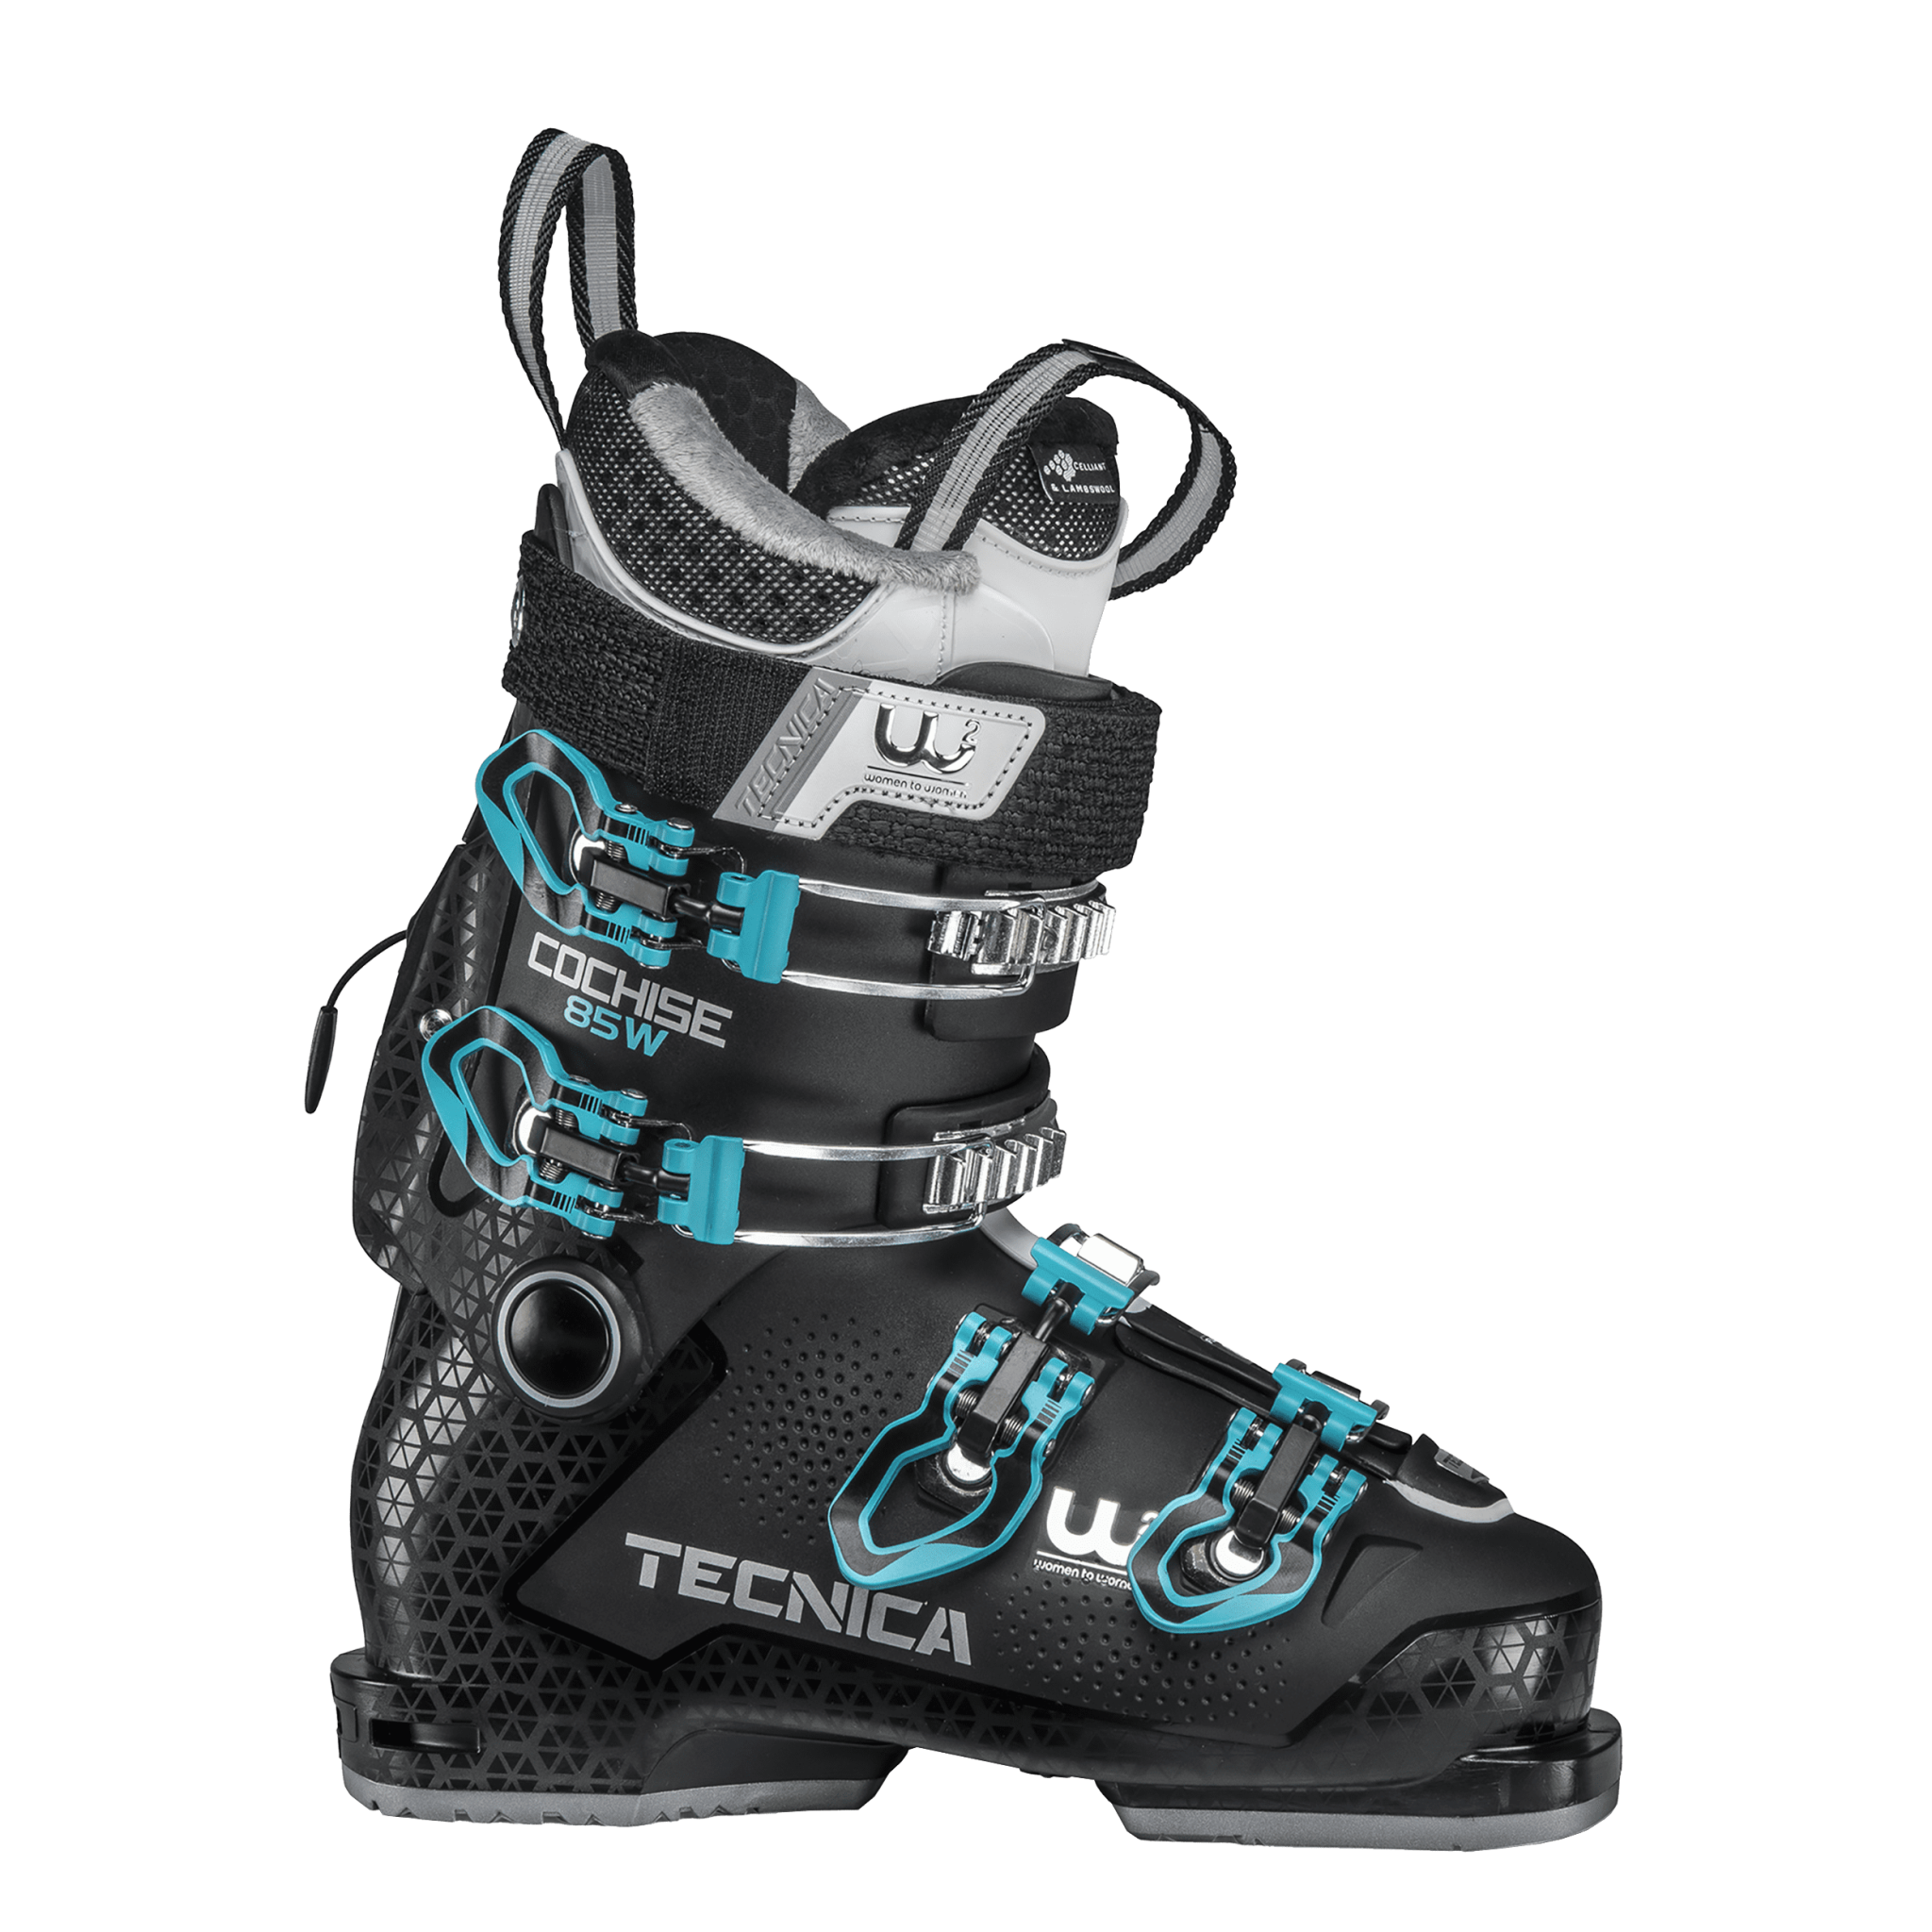 TECNICA Tecnica Women's Cochise 85 W Ski Boot (2020)